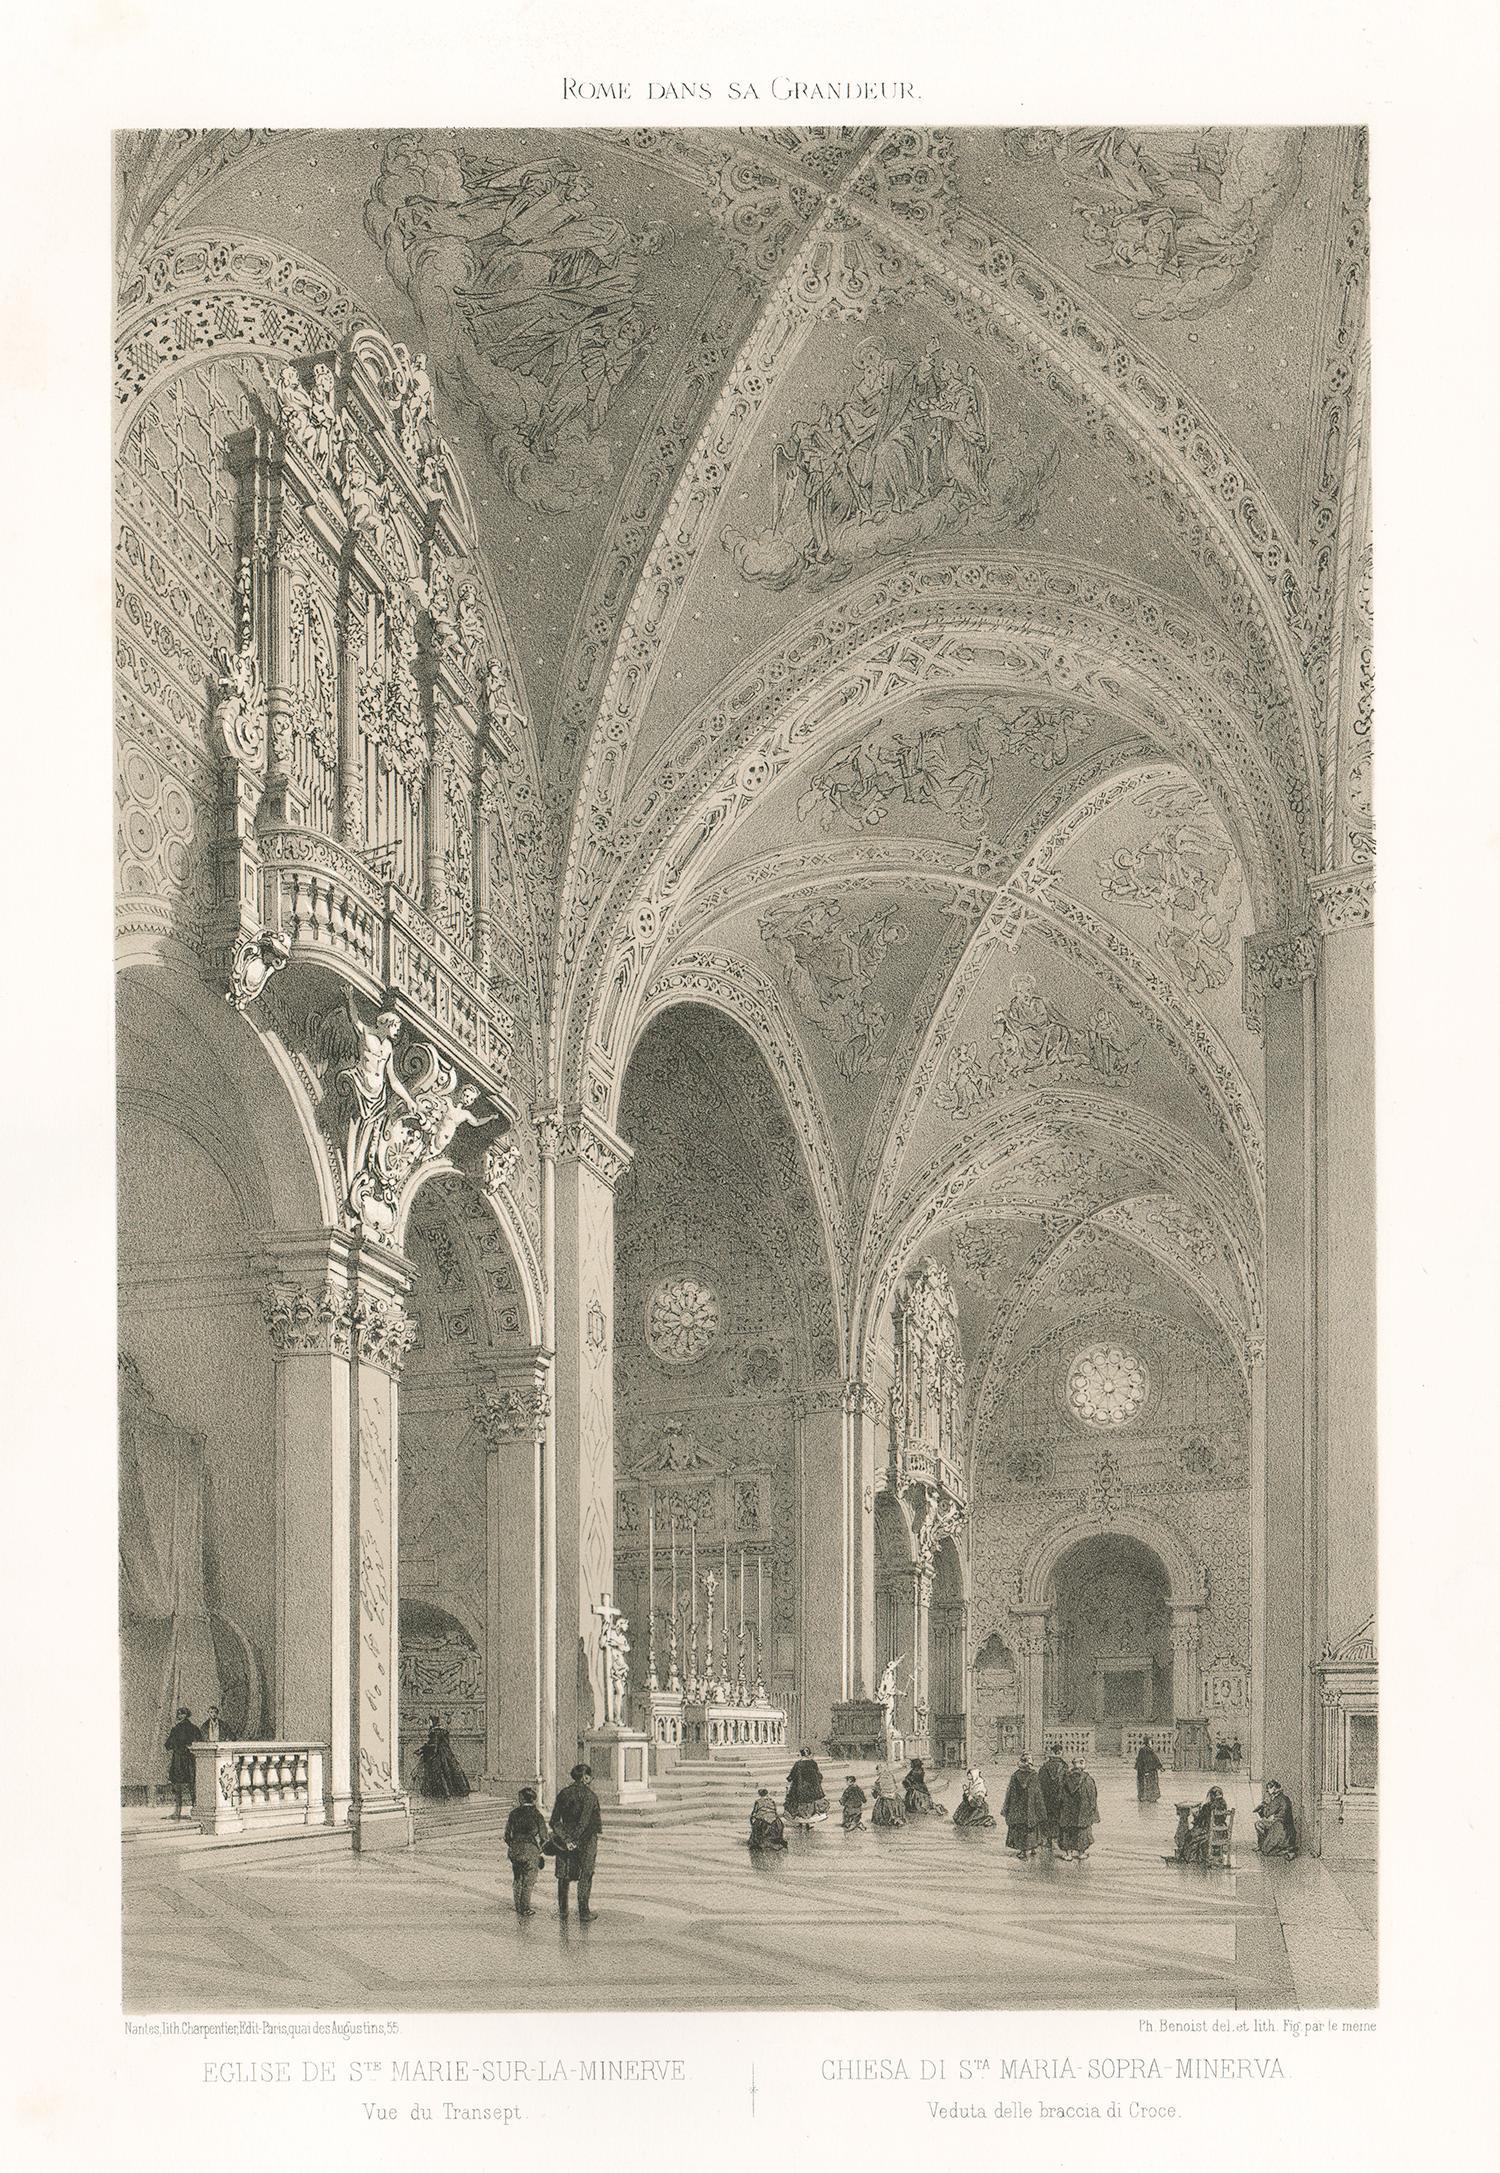 Chiesa di St Maria-Sopra-Minerva, Rome, Italy. Lithograph by Philippe Benoist